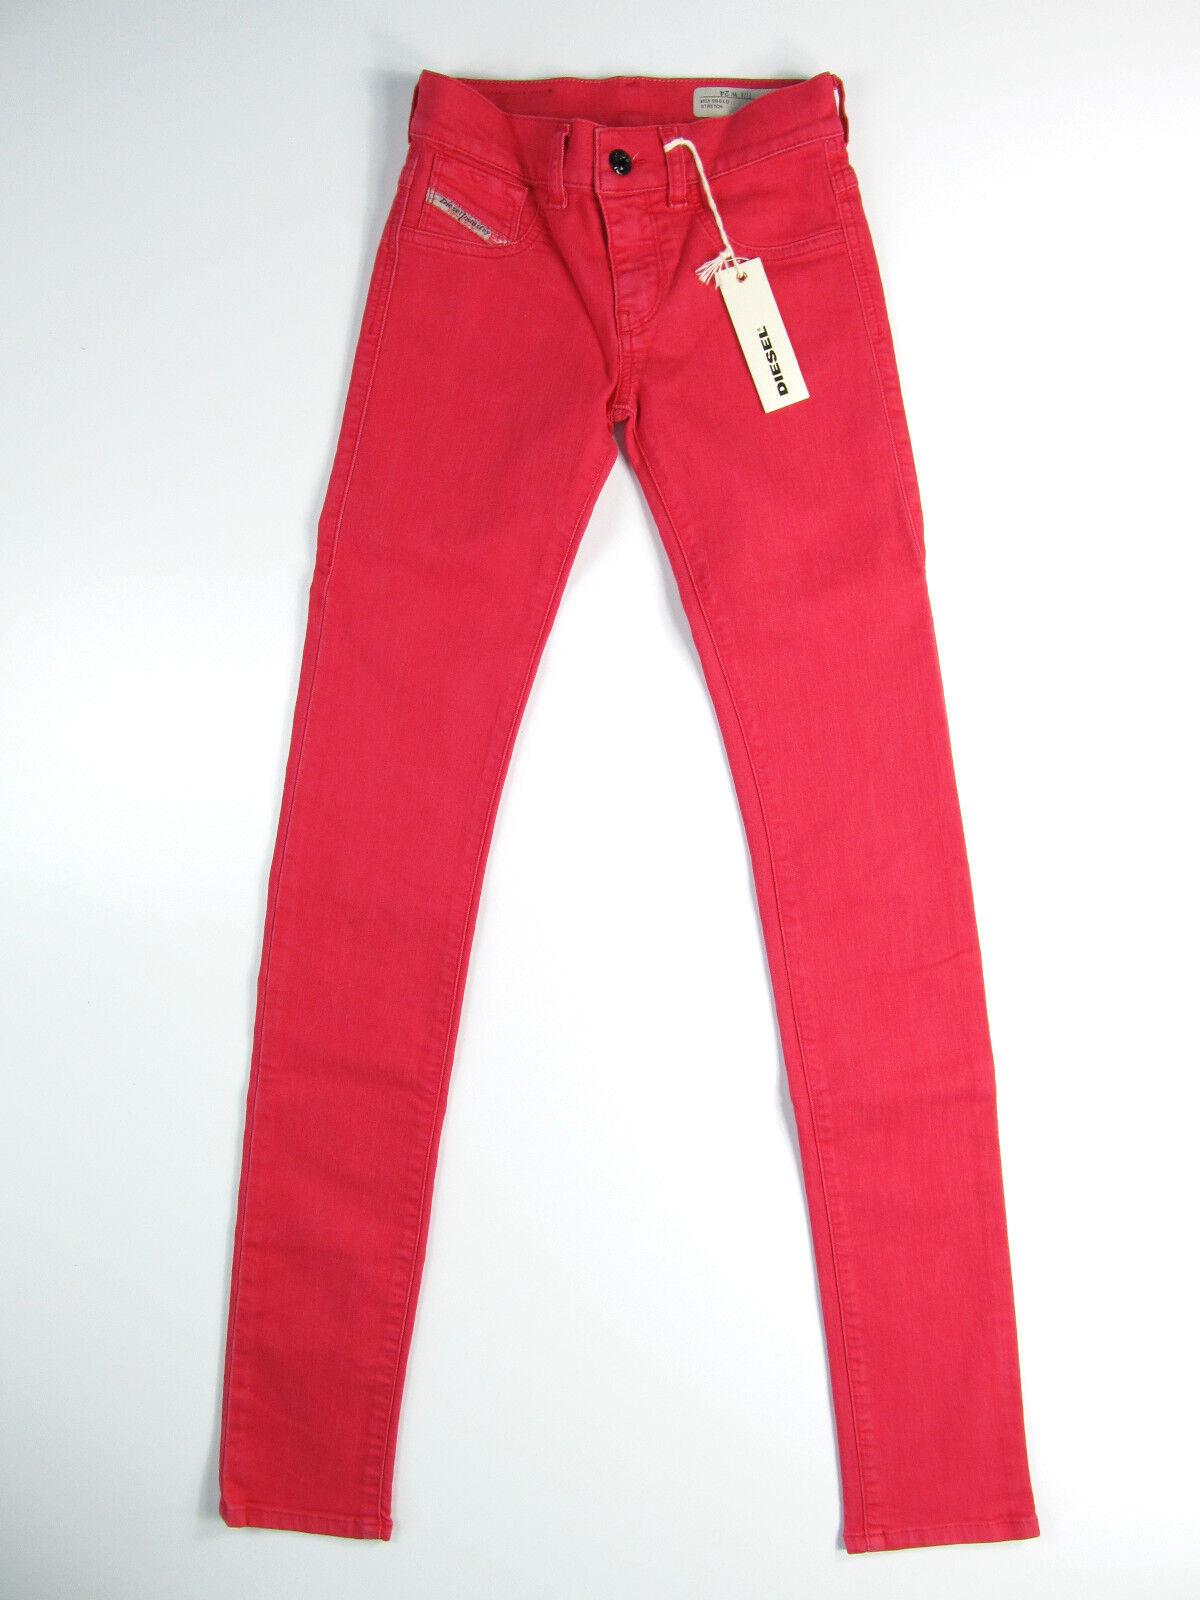 Diesel Denim Hose Jeans Pantaloni Livier Super Slim Jegging red pink Neu 24